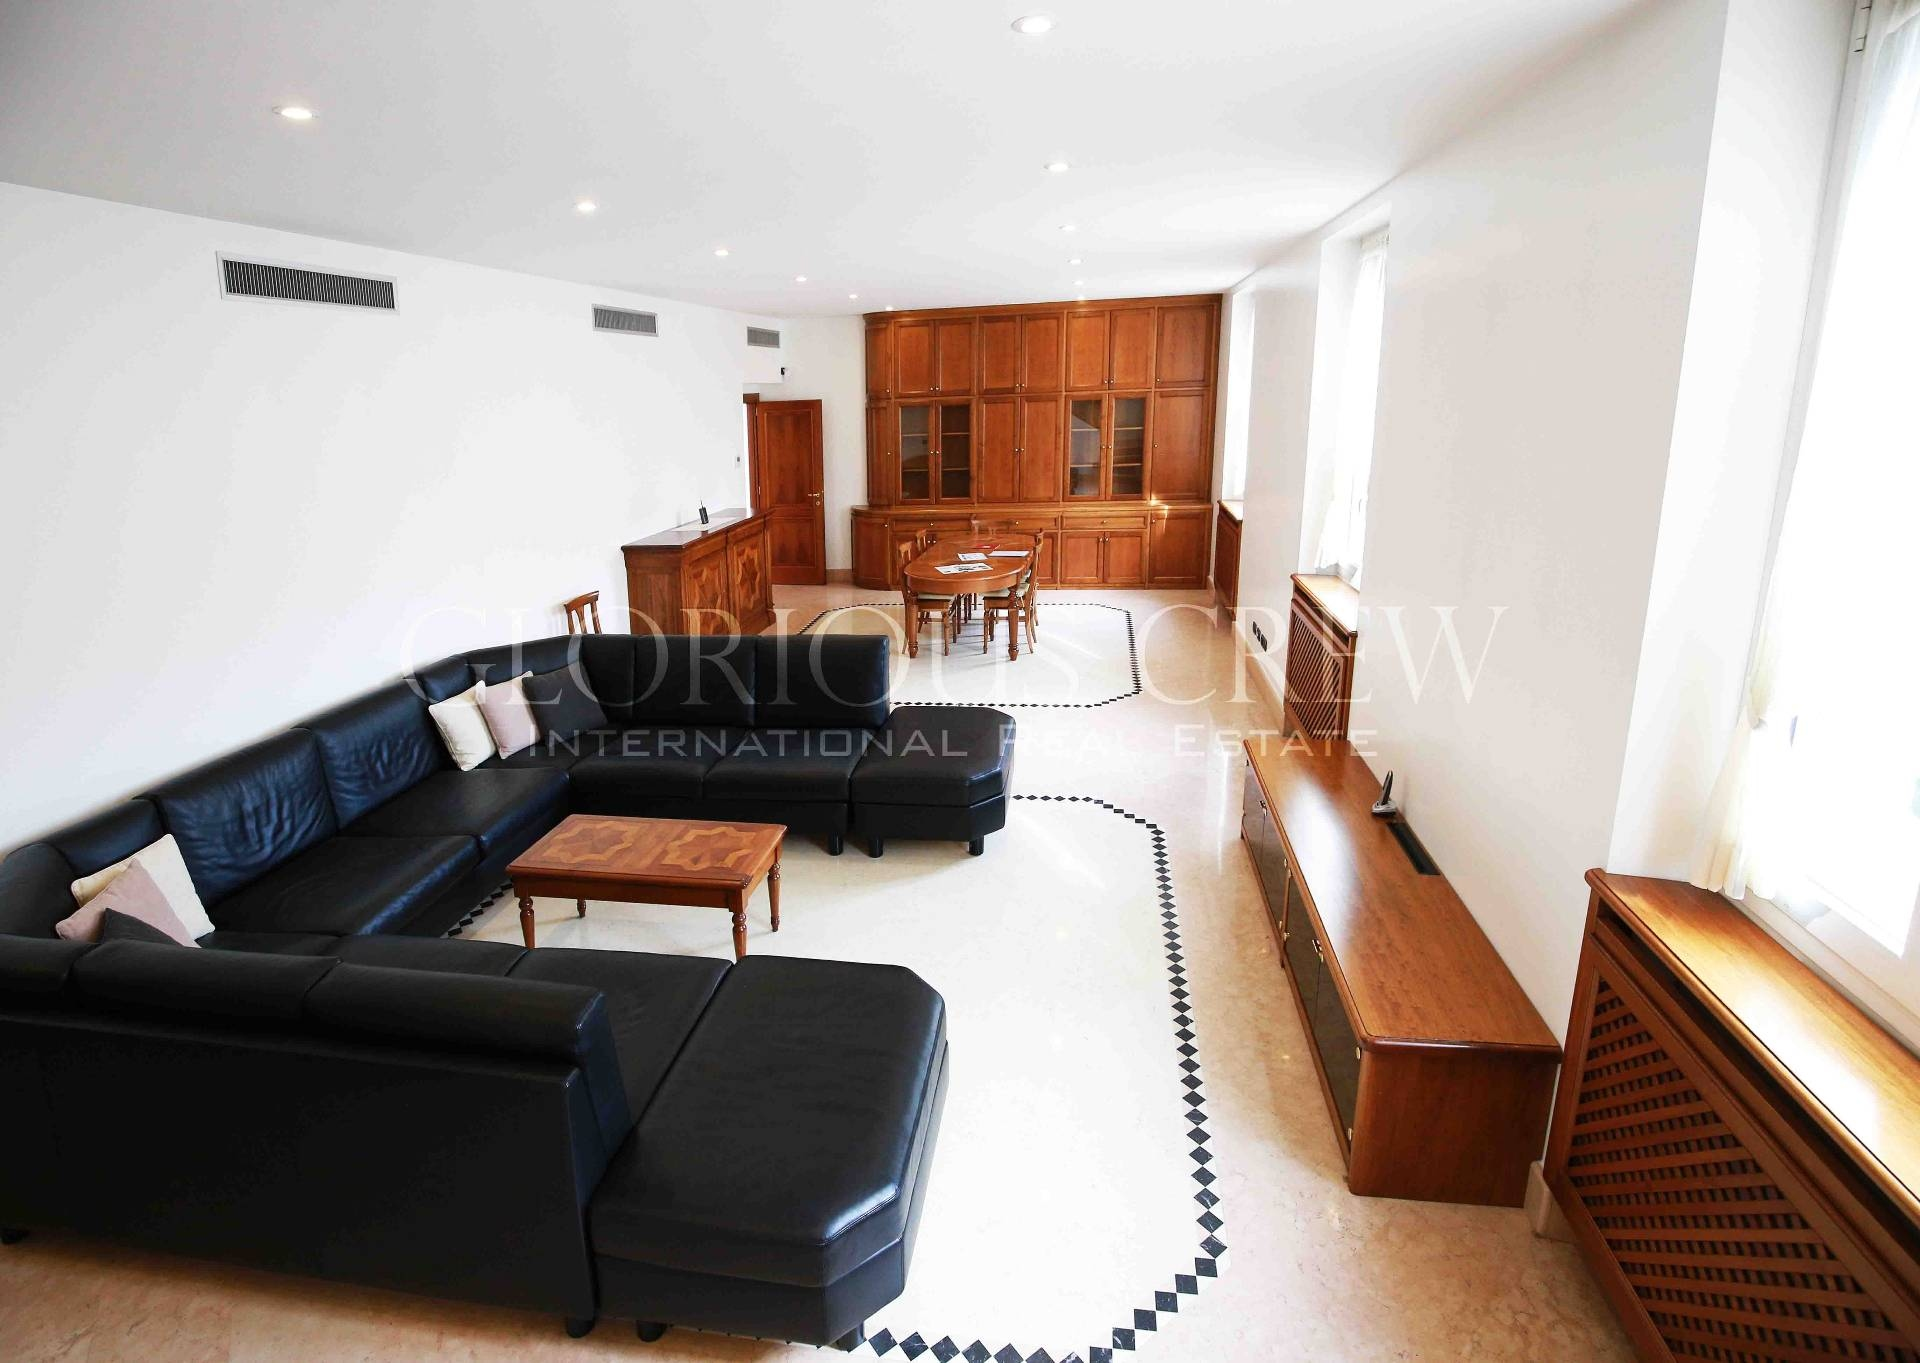 Appartamento in vendita a Milano in Via Giovanni Boccaccio